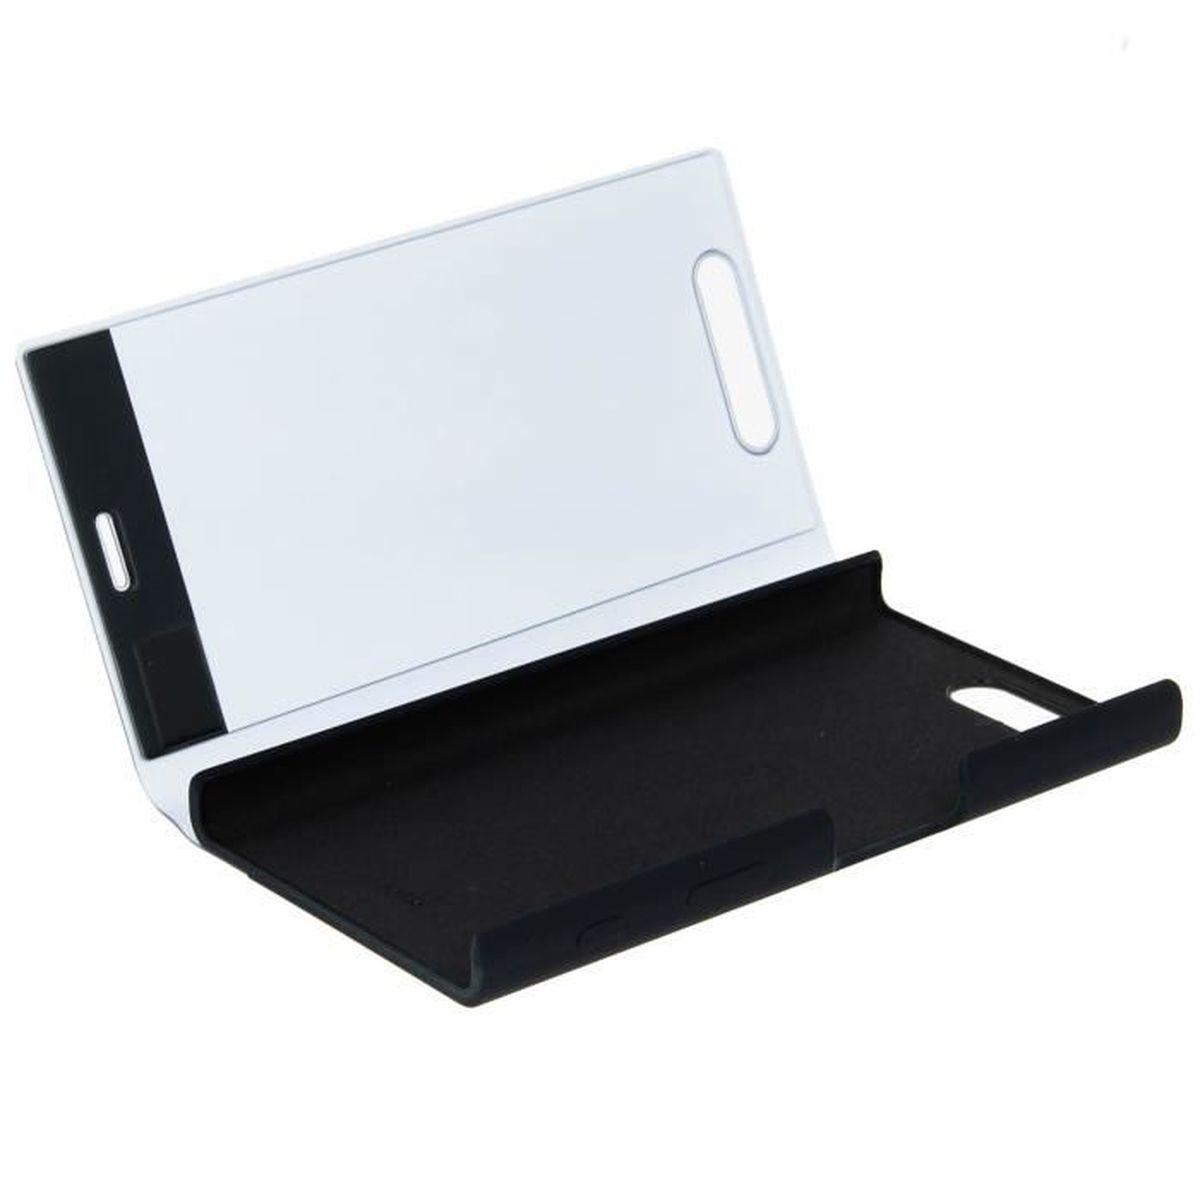 sony coque touch pour xperia x compact noir achat coque bumper pas cher avis et meilleur. Black Bedroom Furniture Sets. Home Design Ideas